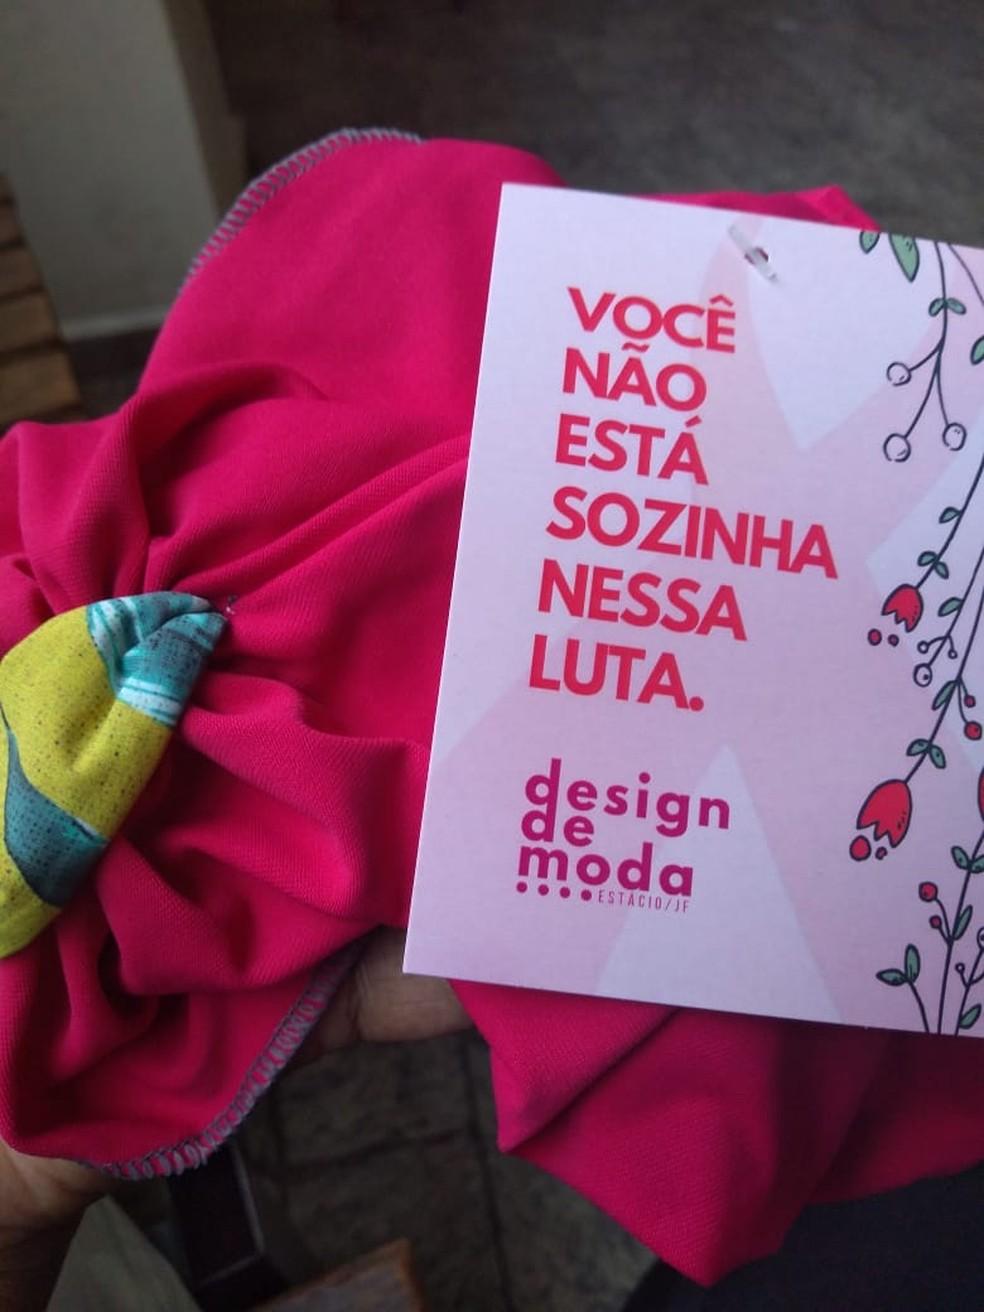 Turbante confeccionado pelas alunas em Juiz de Fora — Foto: Centro Universitário Estácio de Juiz de Fora/Divulgação